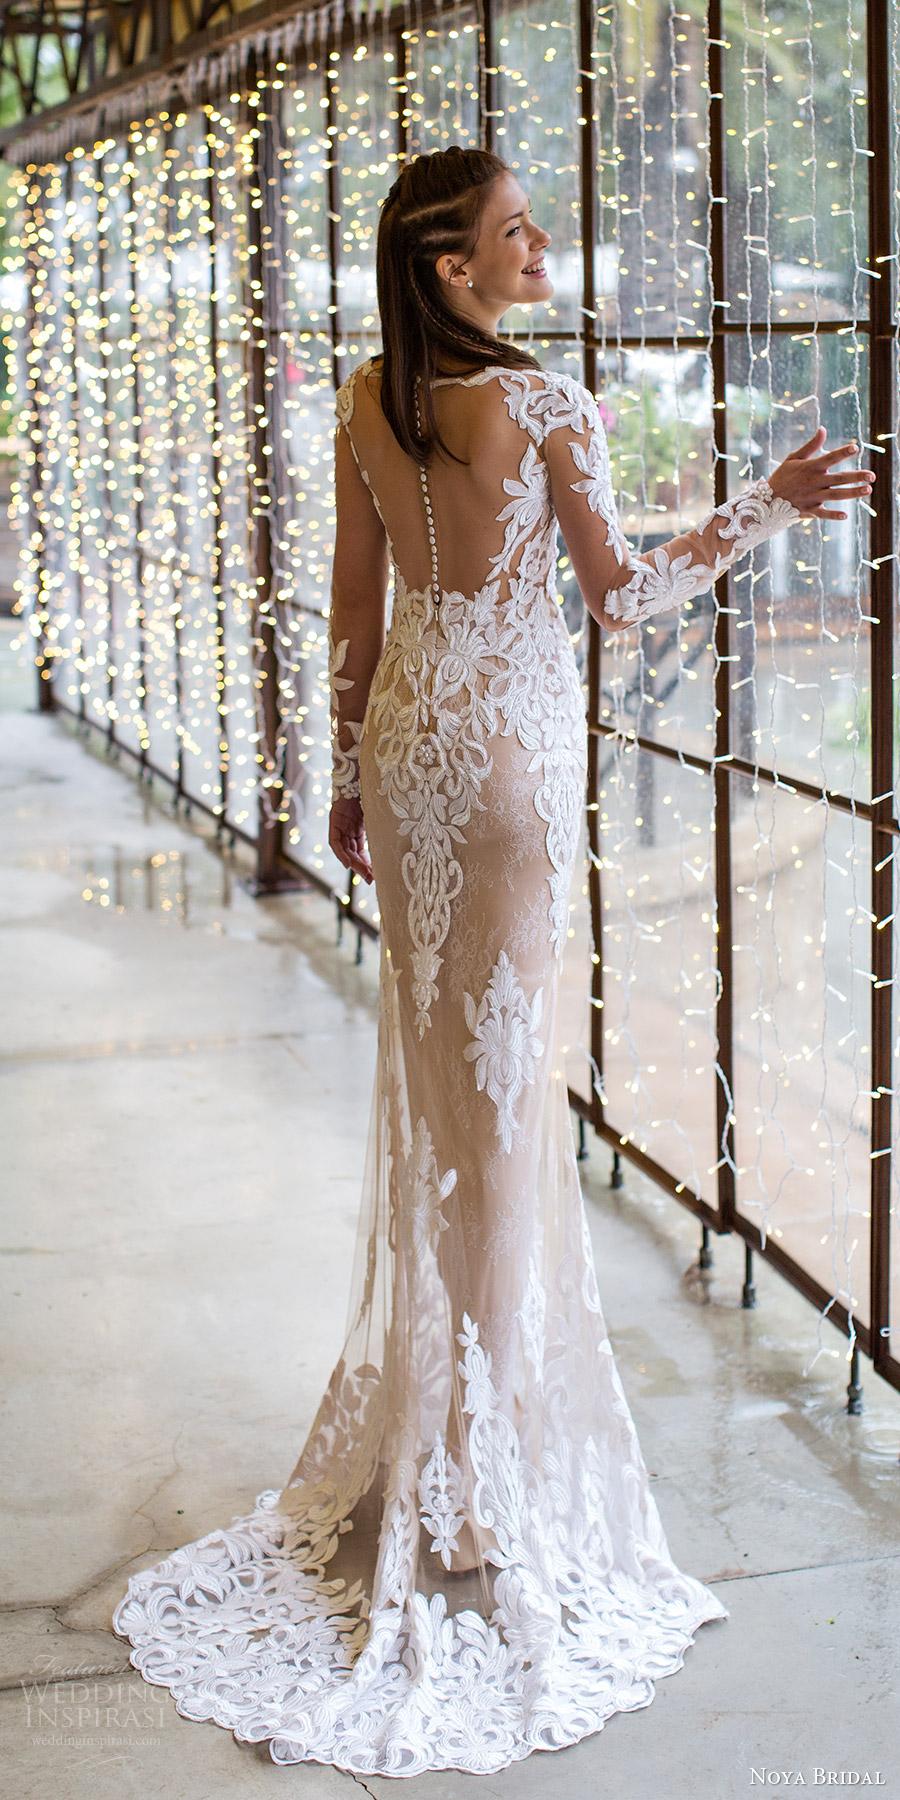 Noya Bridal Aria Wedding Dress Collection for 2016 - crazyforus